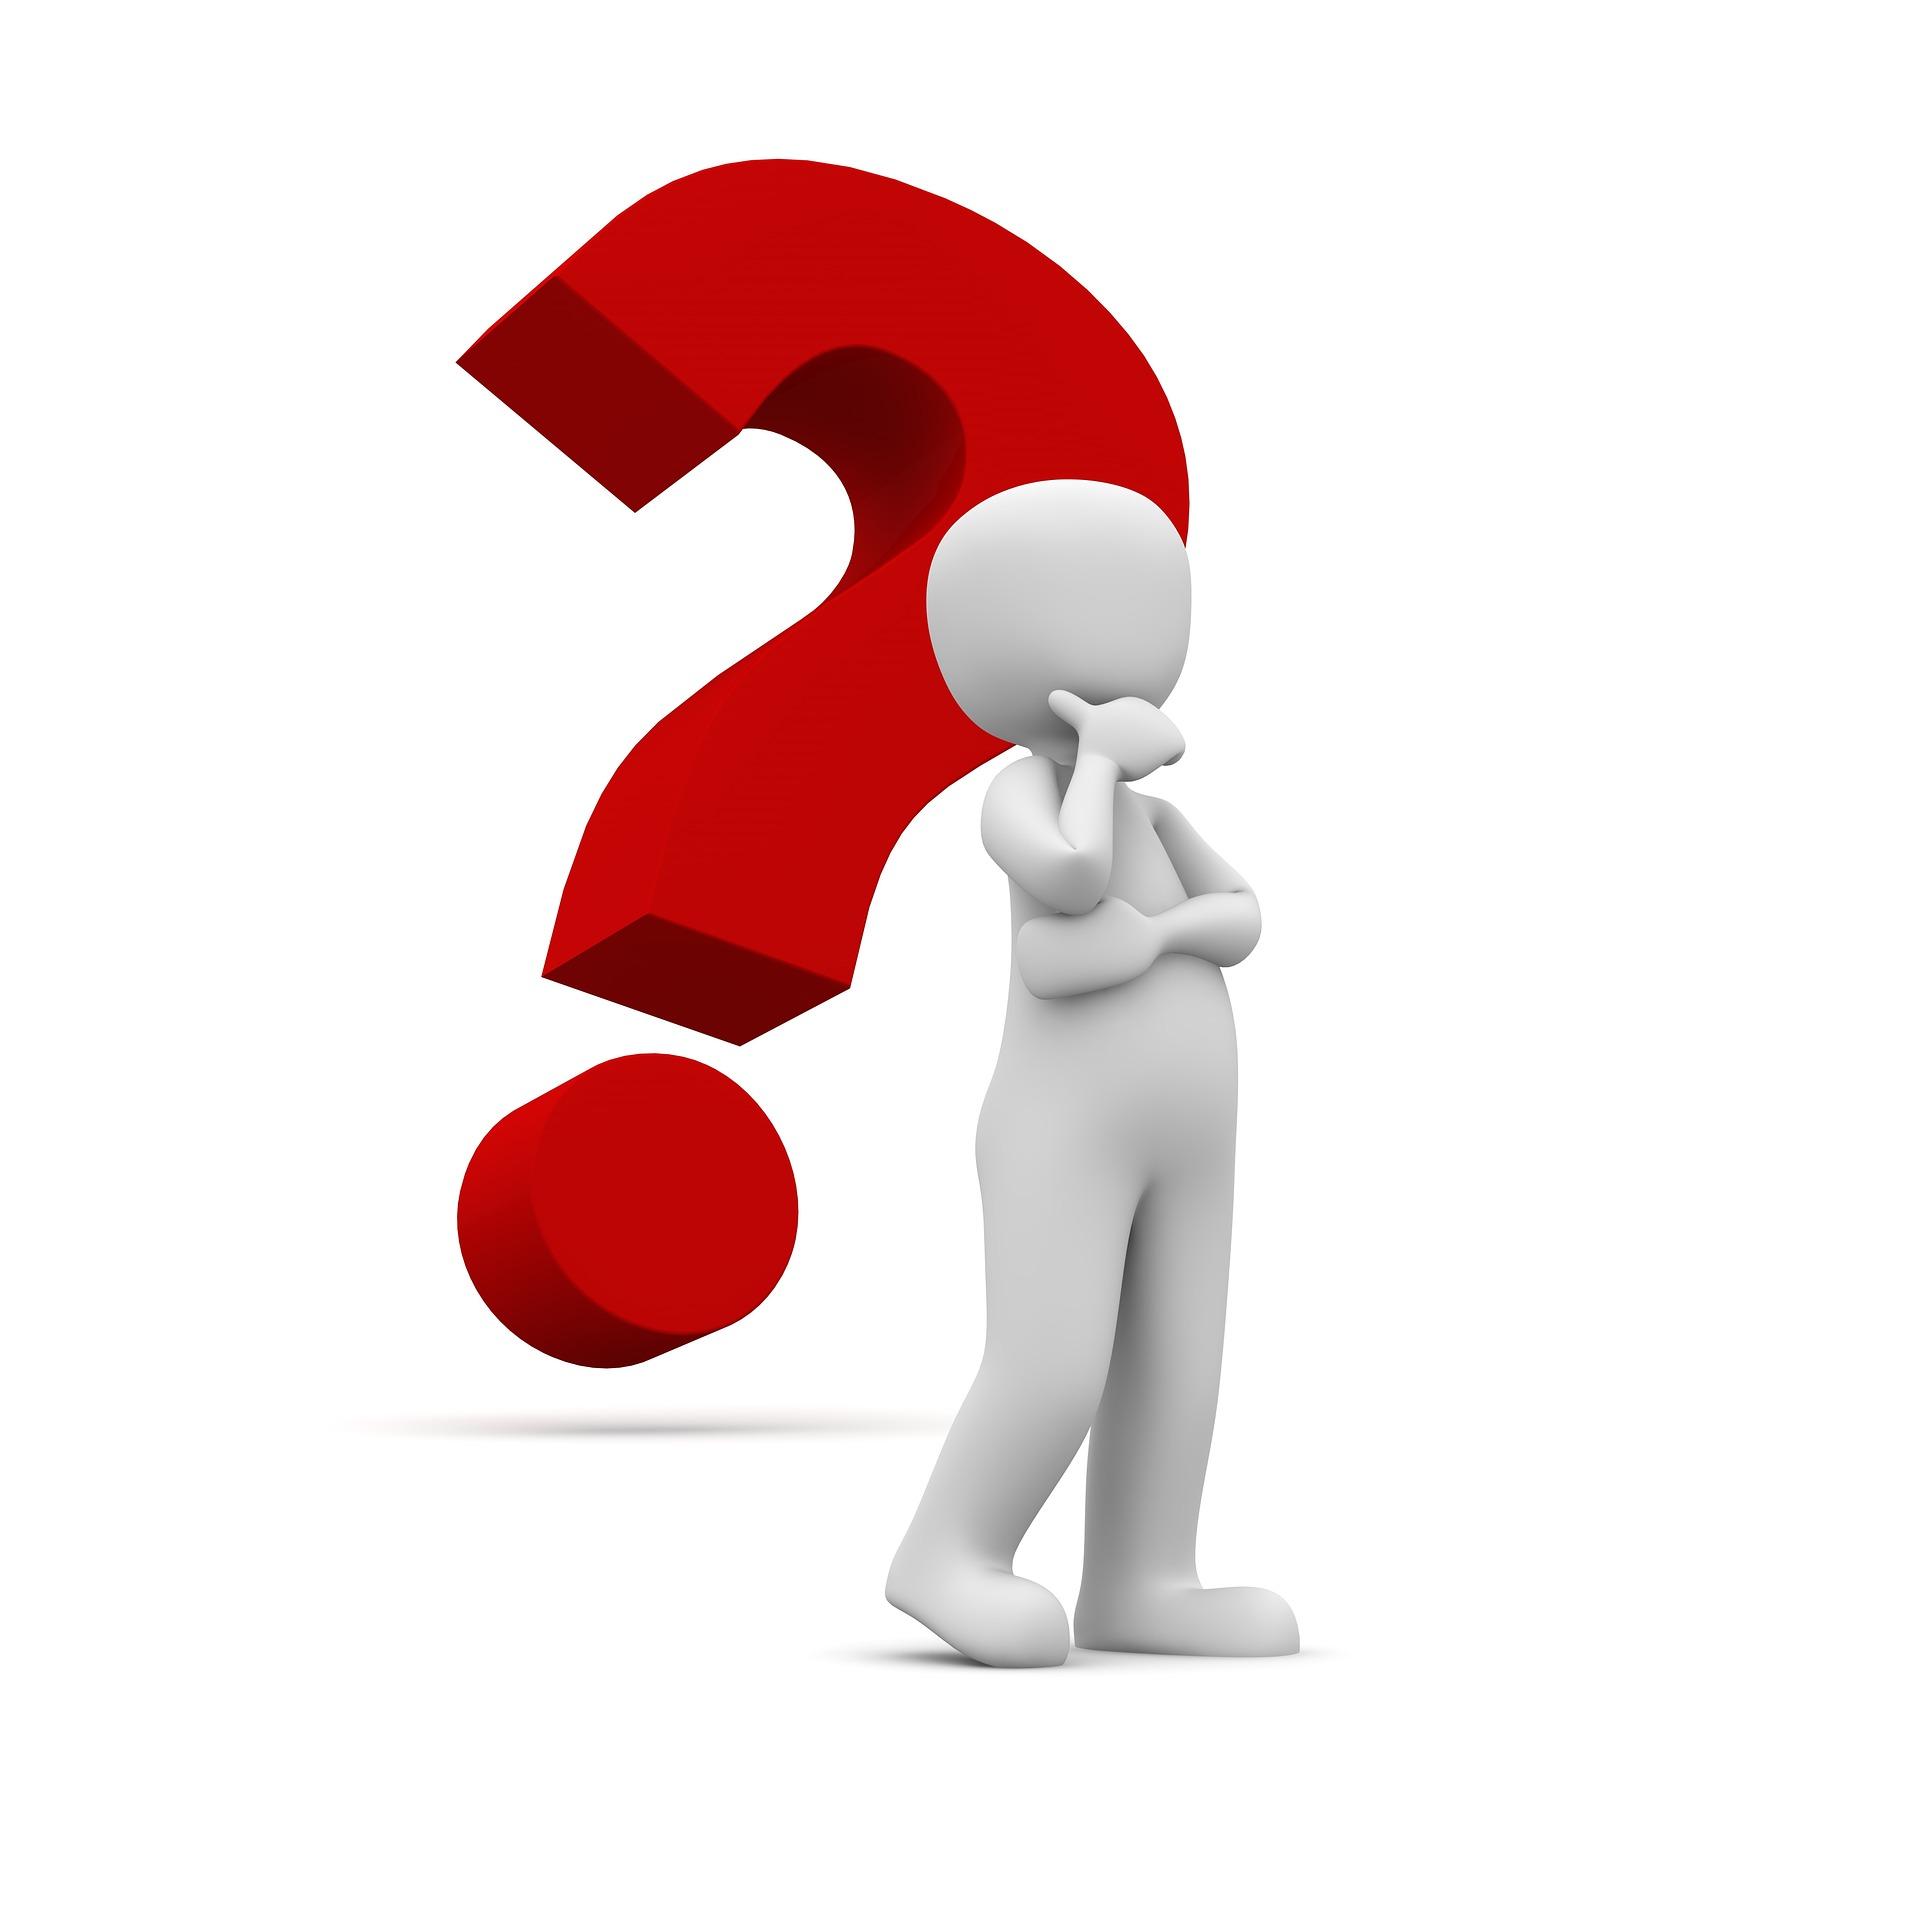 Recursos d'informació: catàlegs, cercadors i altres eines per trobar informació